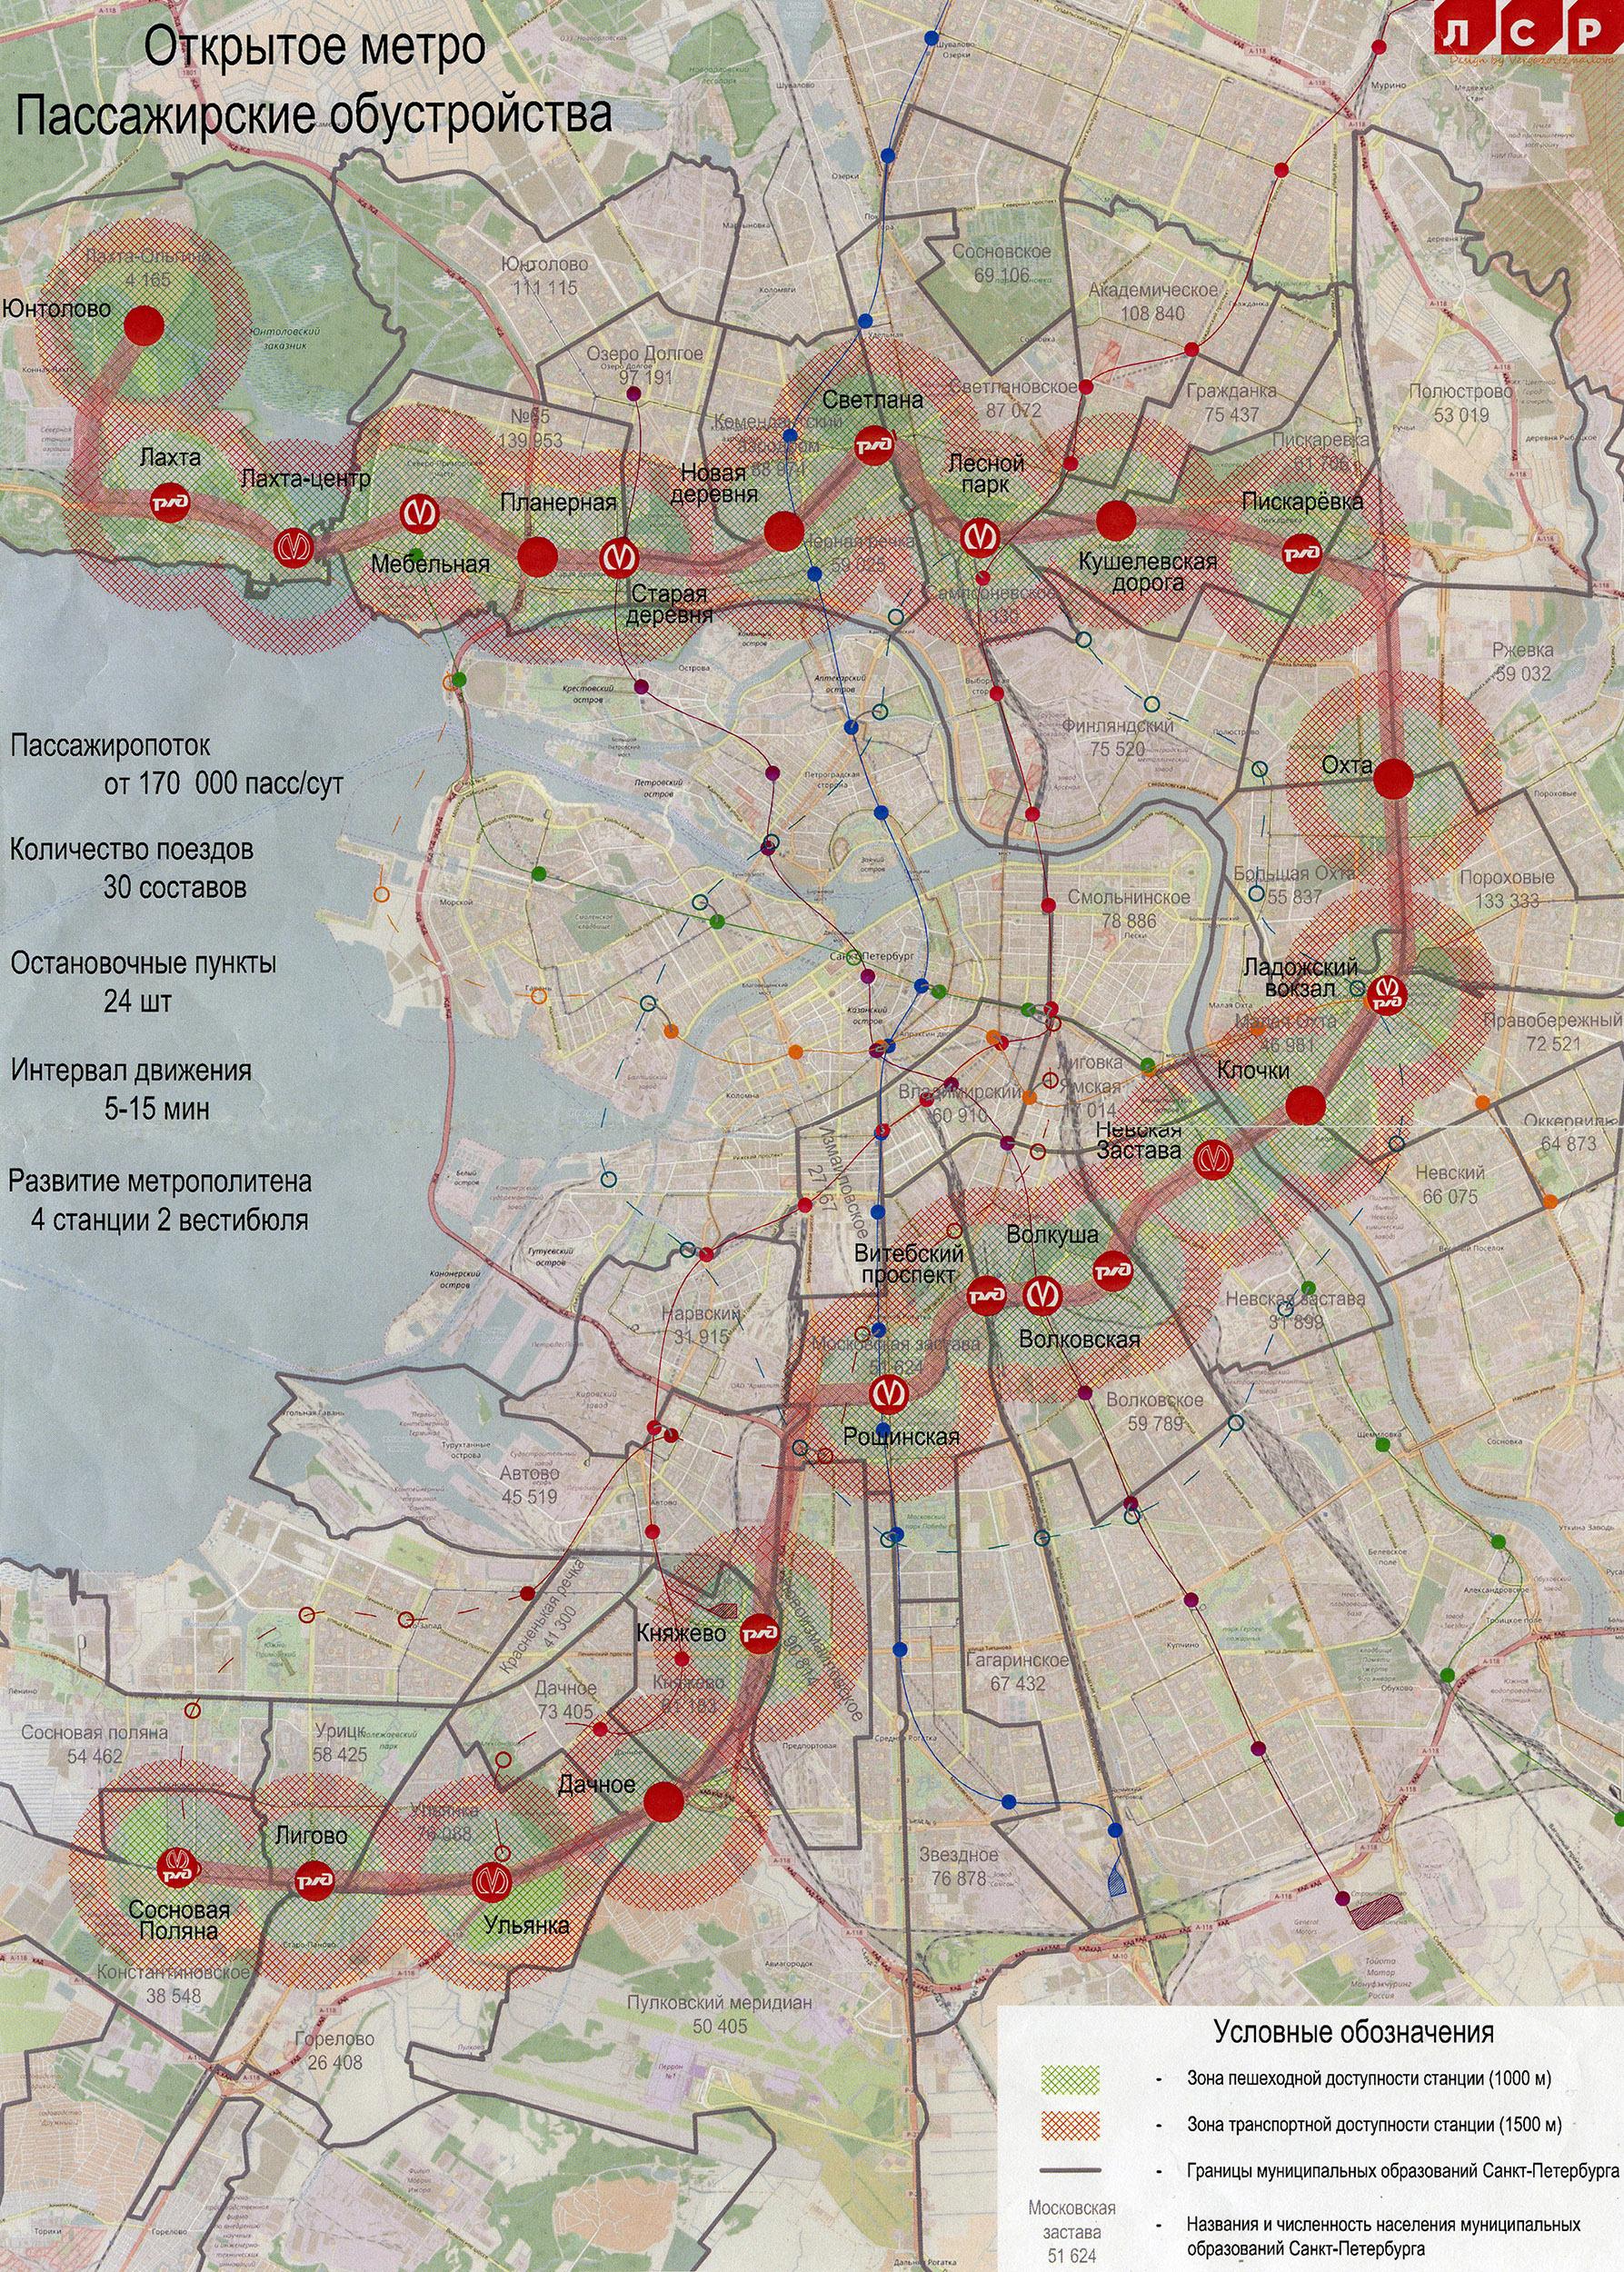 Открытое метро: уравнение с одними неизвестными (Иллюстрация 1 из 1) (Фото: ЛСР)